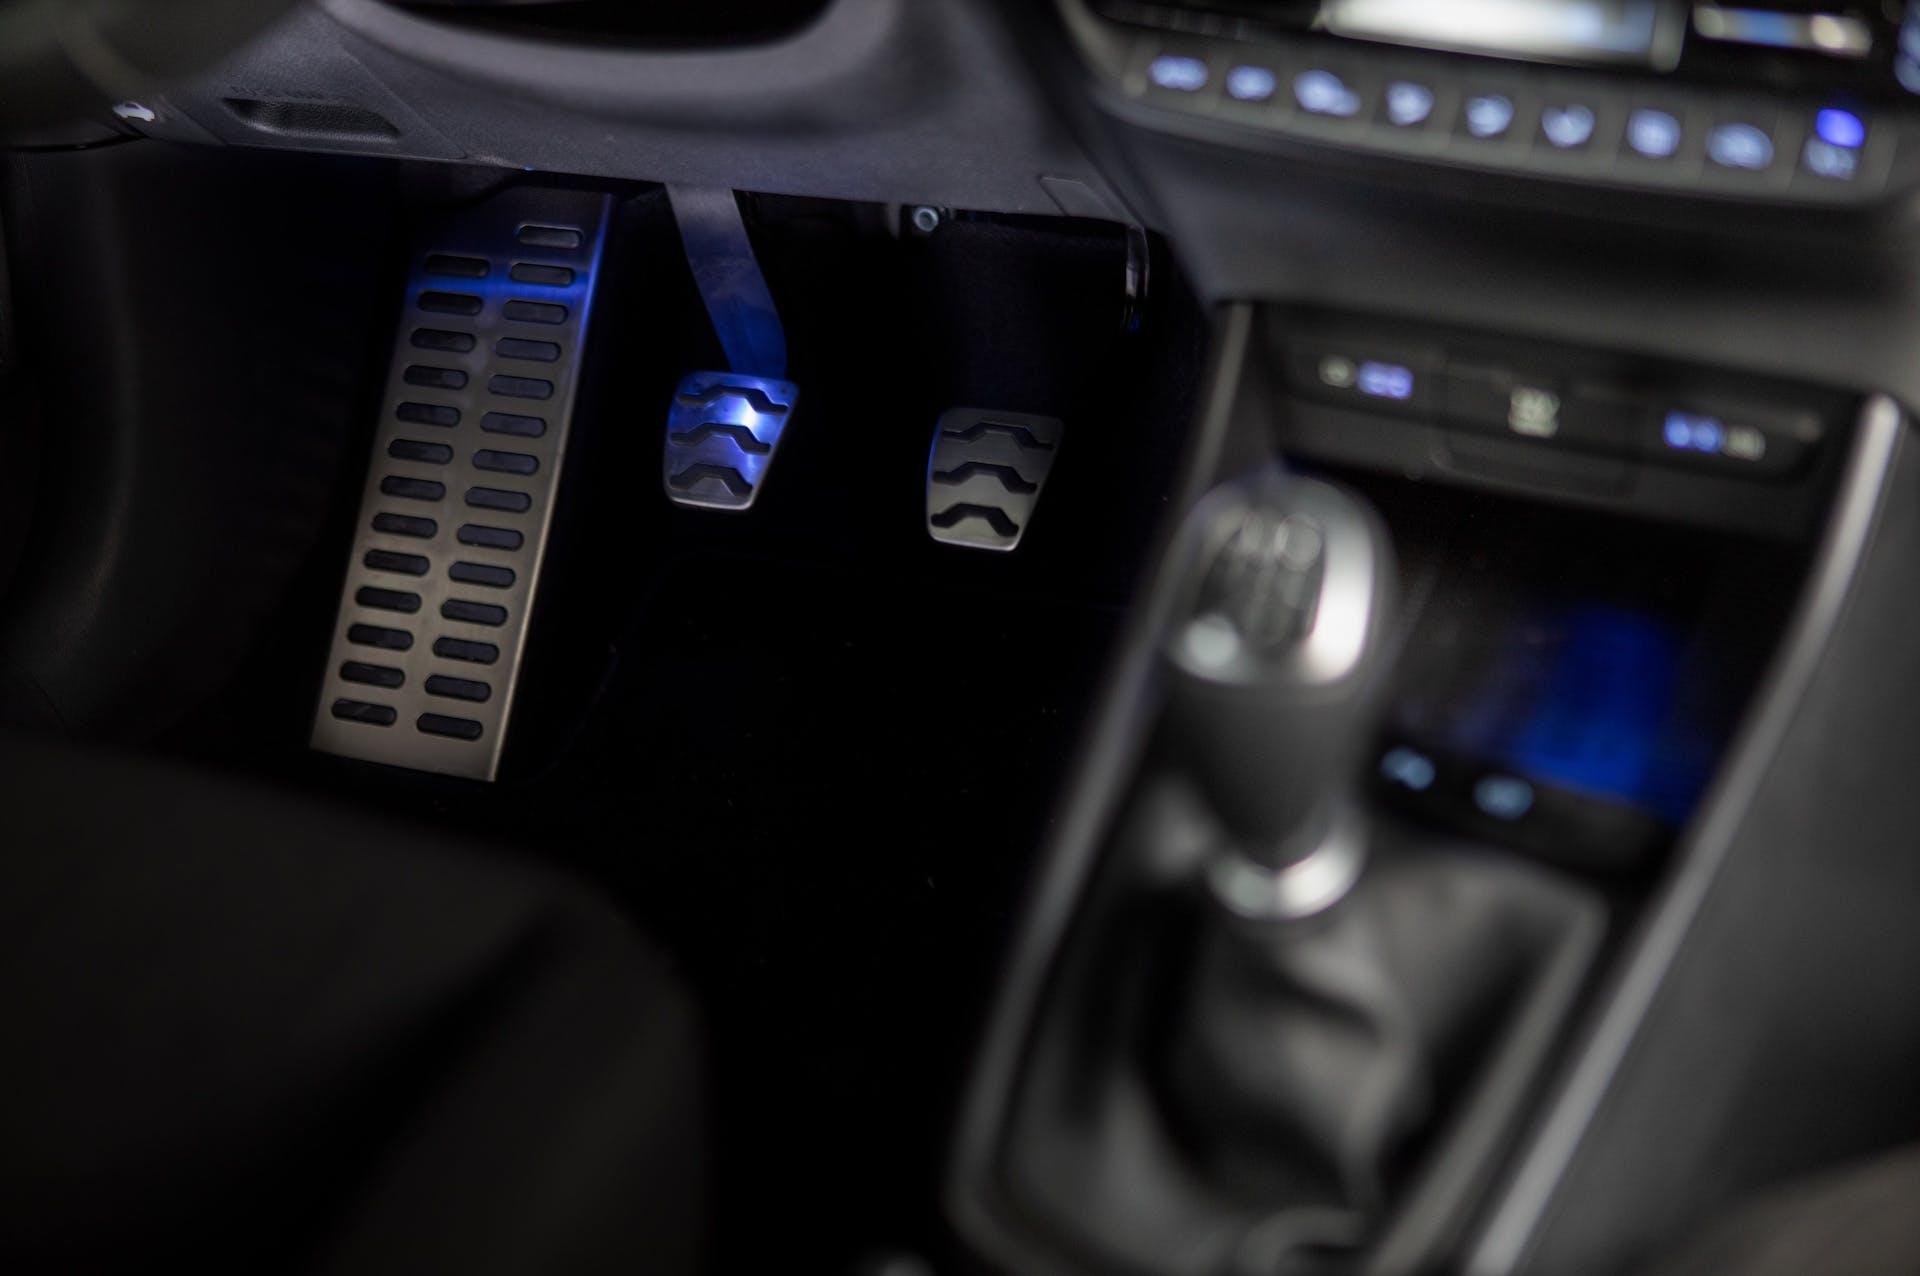 Dettaglio di pedaliera e cambio (manuale) di Hyundai Bayon